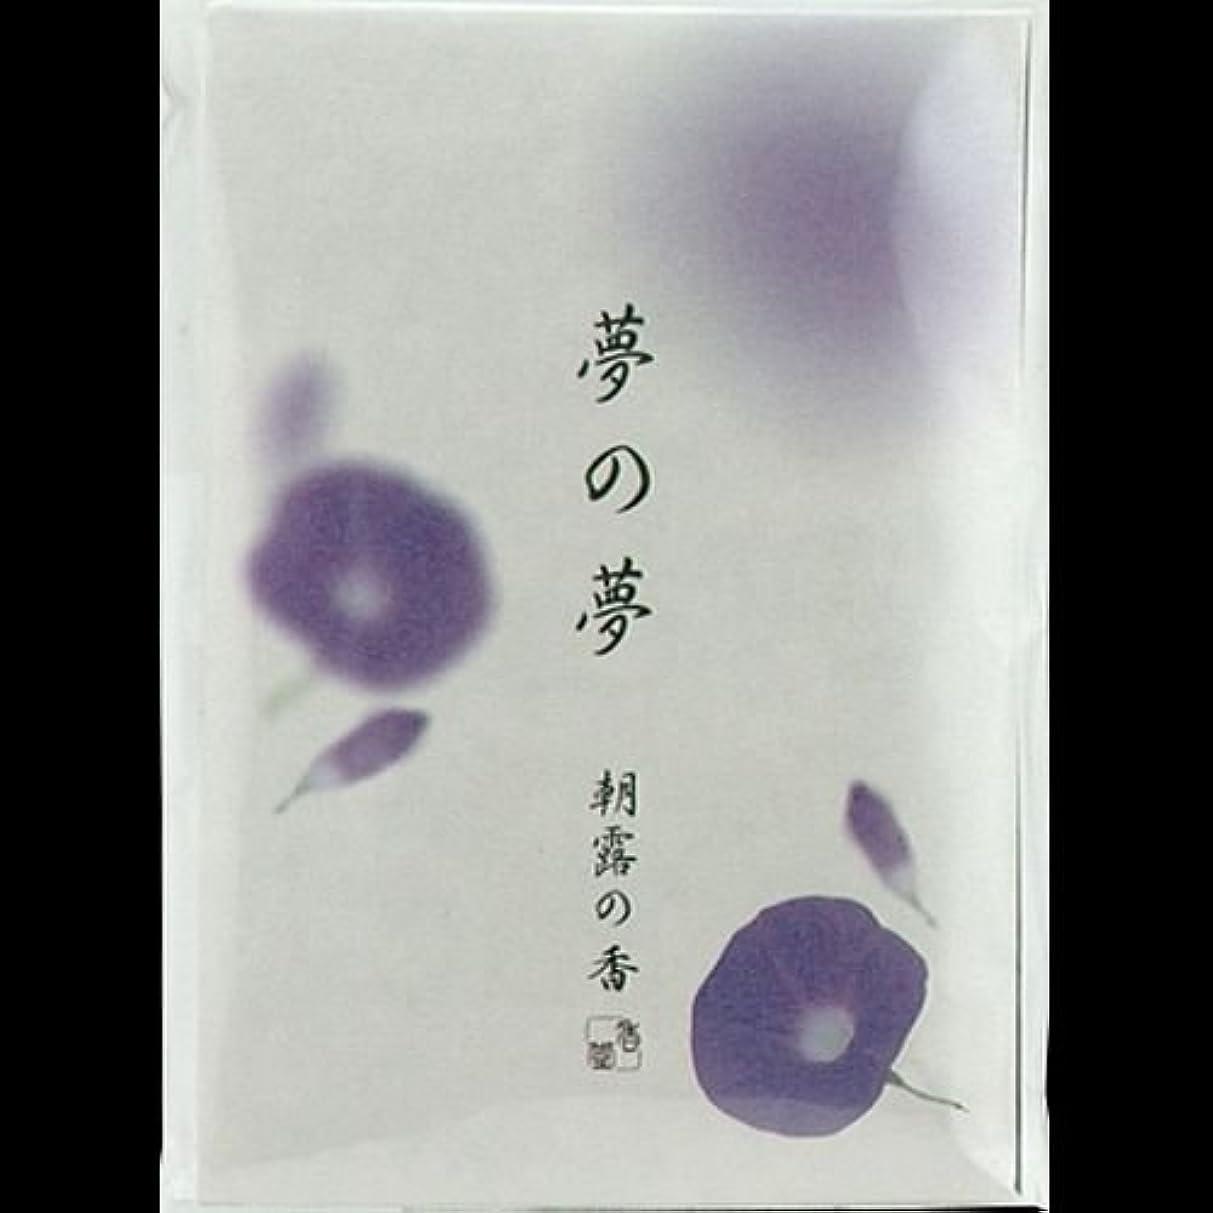 発見する静けさ受粉者【まとめ買い】夢の夢 朝露(あさつゆ) スティック12本入 ×2セット